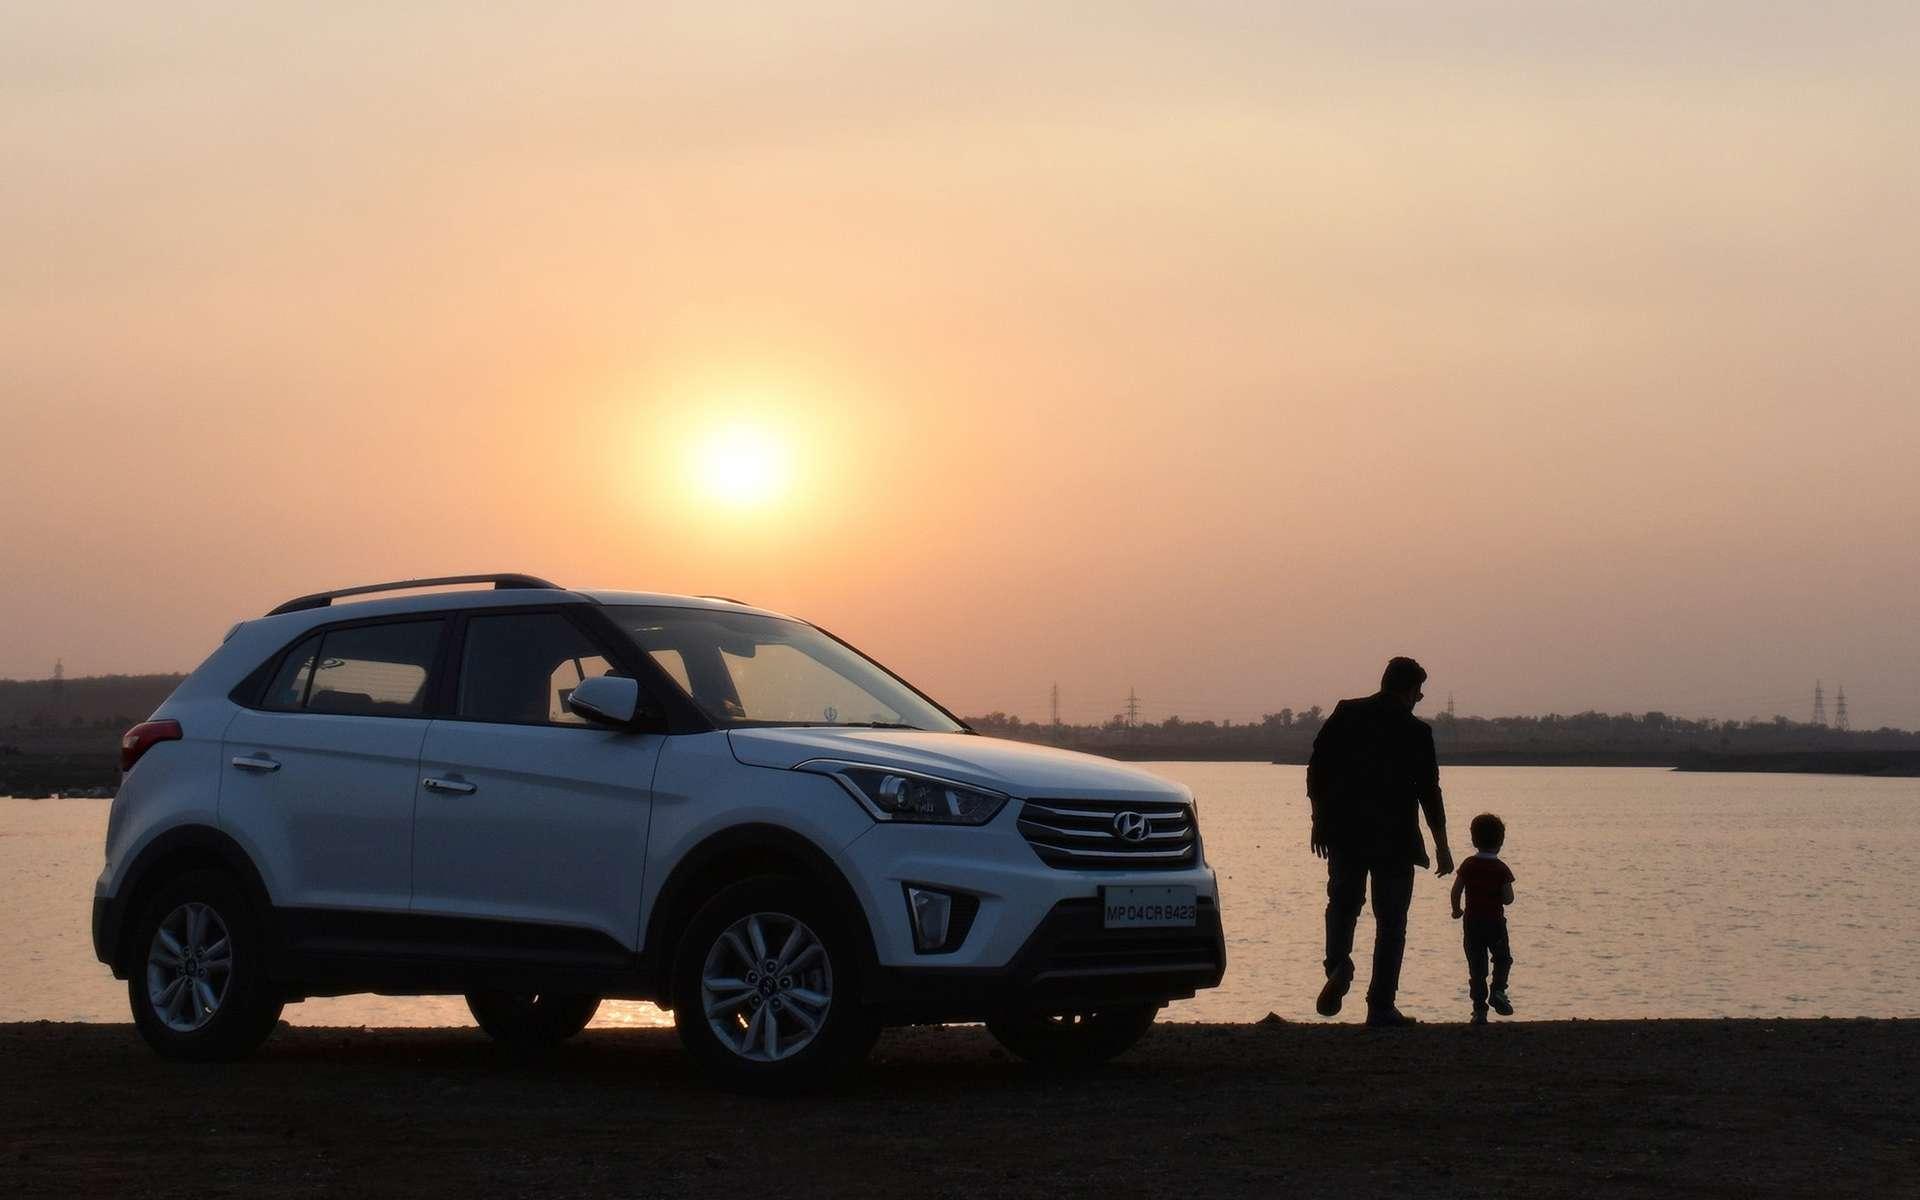 Comment bénéficier d'une assurance auto moins chère ? © Jagmeet Singh, Pexels